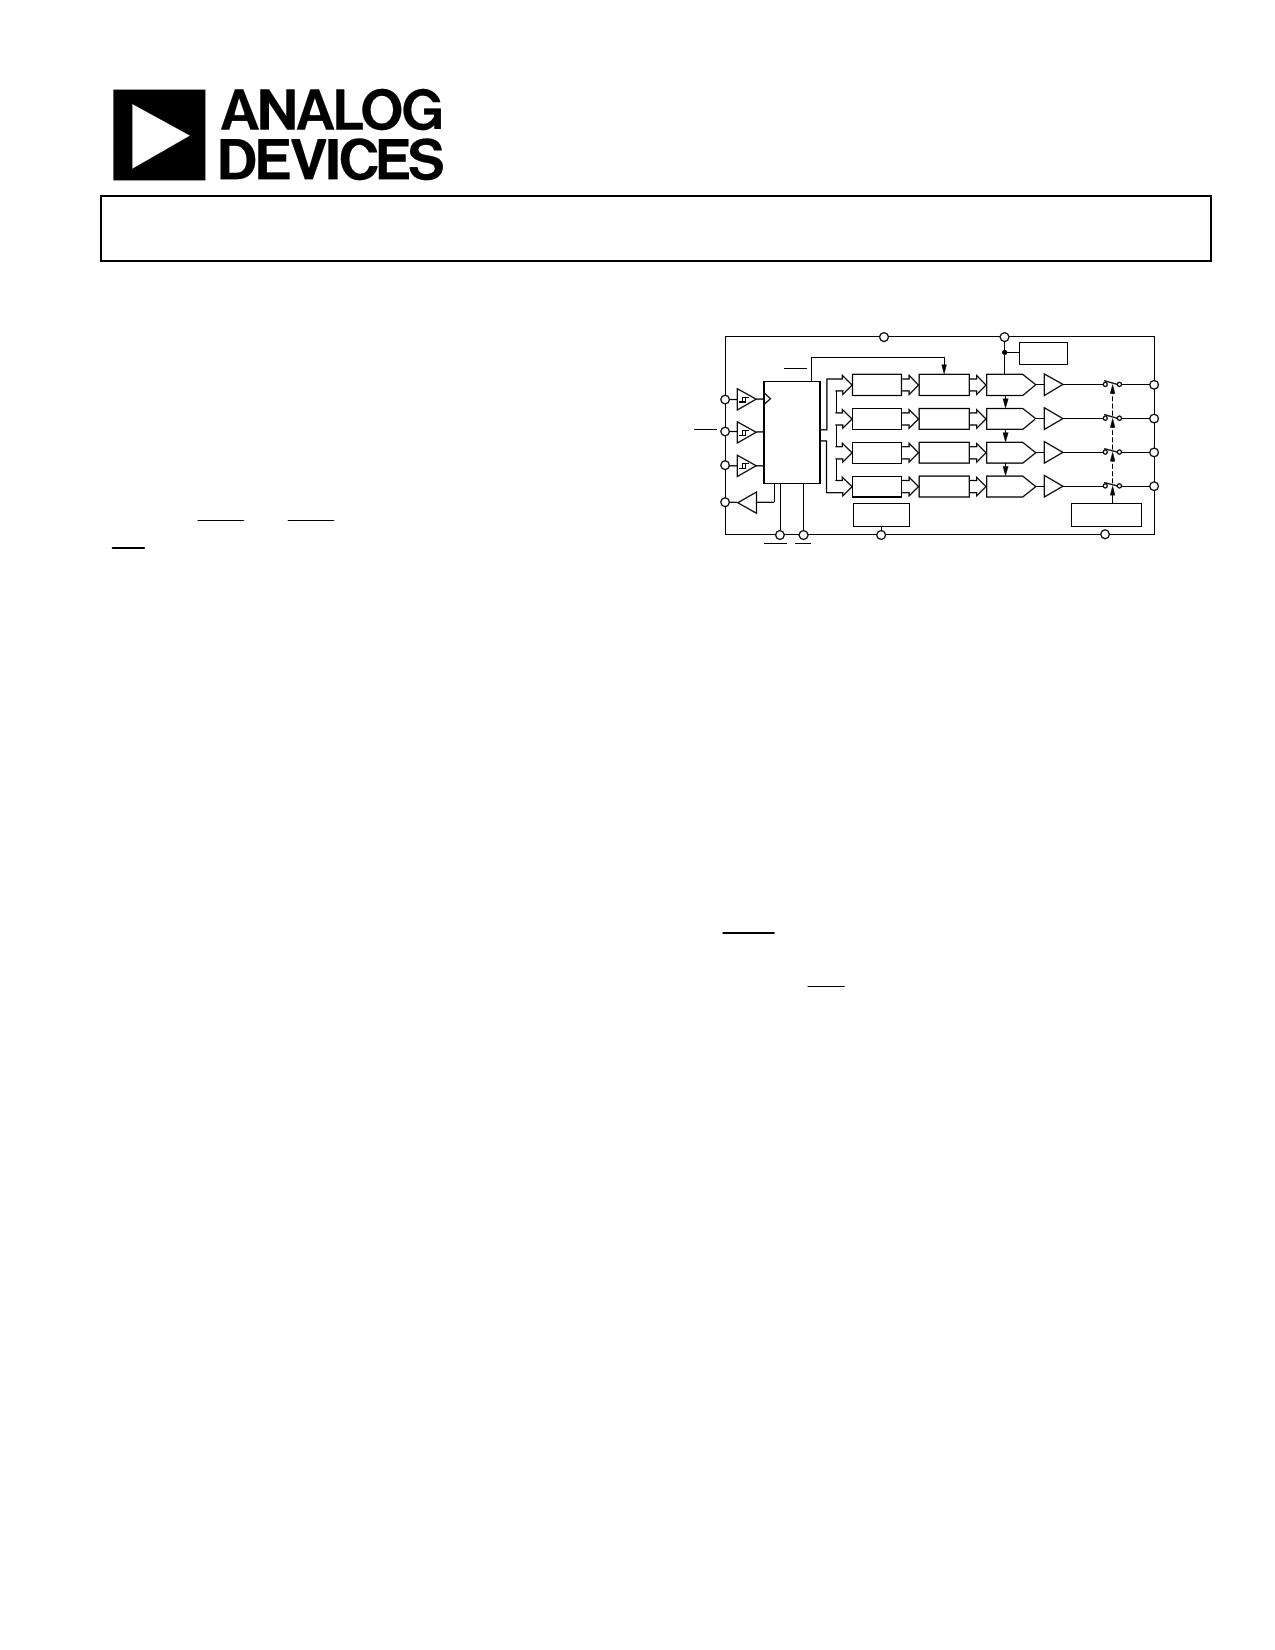 AD5666 Hoja de datos, Descripción, Manual